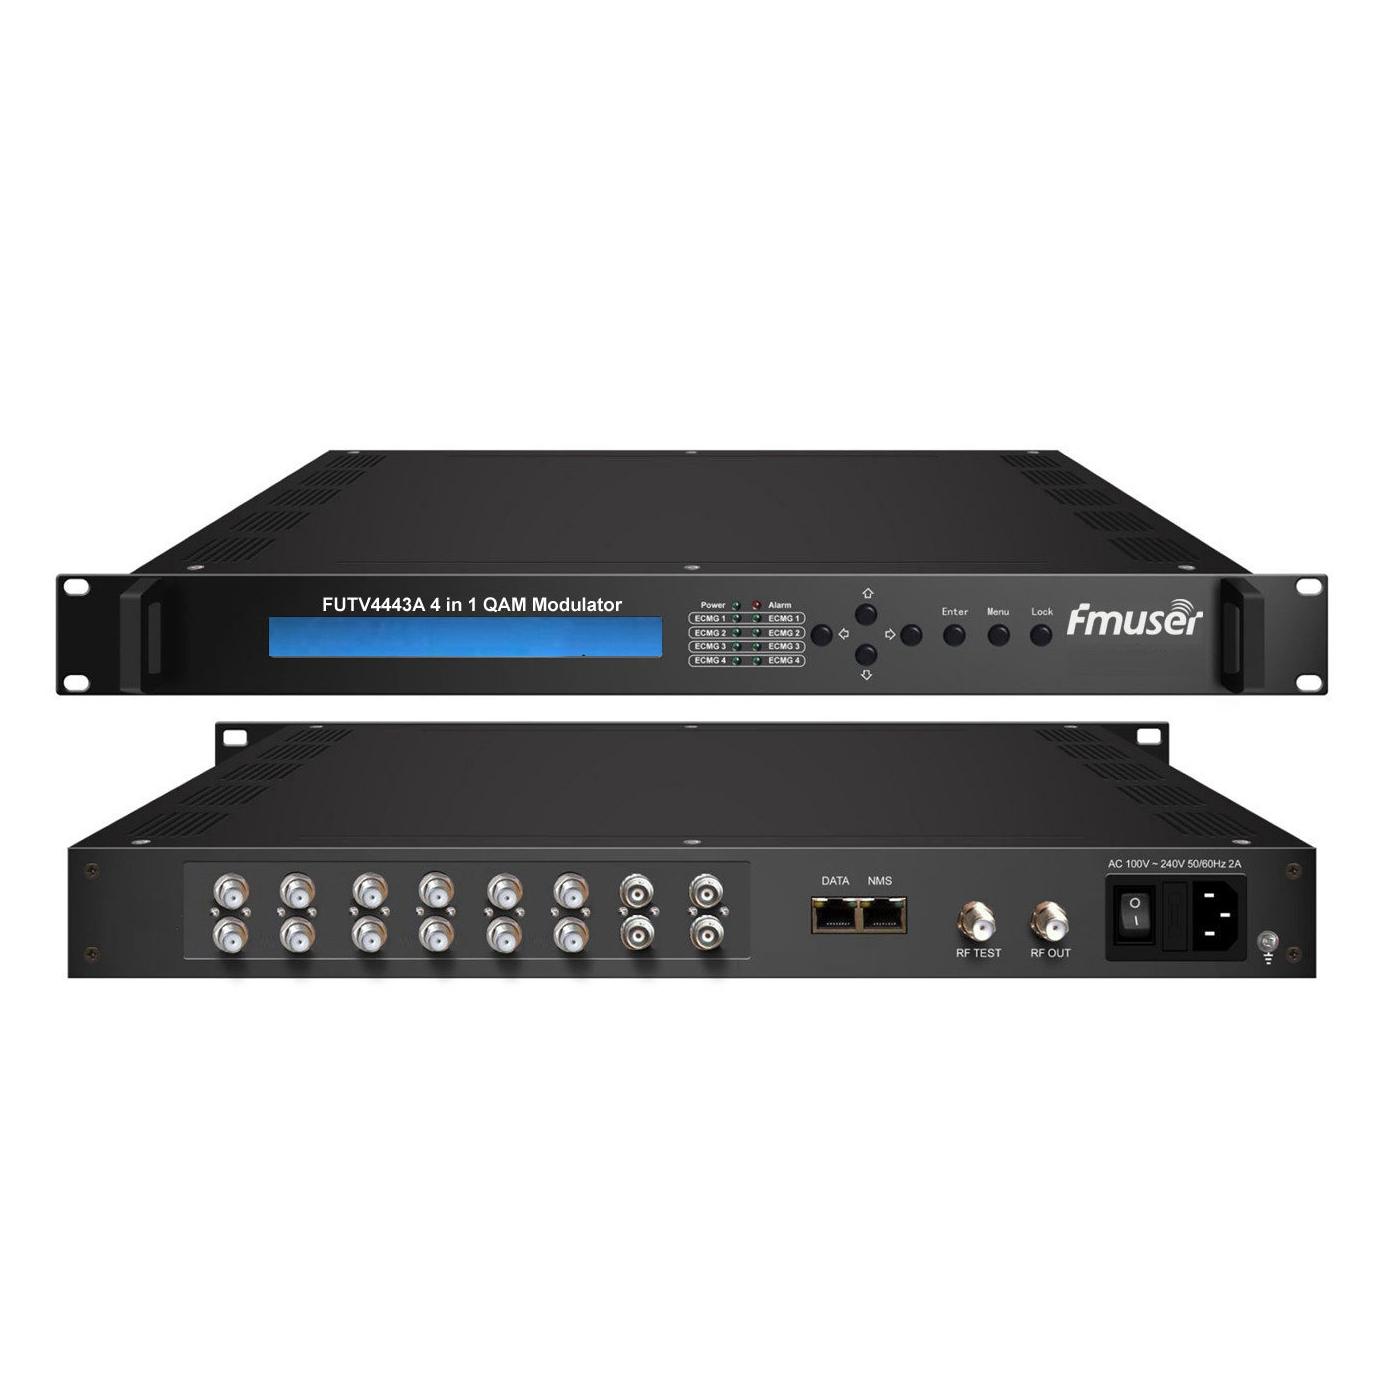 FMUSER FUTV4443A-10 4 1 em Mux-Scrambling QAM (sintonizador DVB-6 S2 + entrada 4 ASI opcional, 4 multiplexagem, codificação e 4 4 QAM modulação) com gerenciamento SNMP